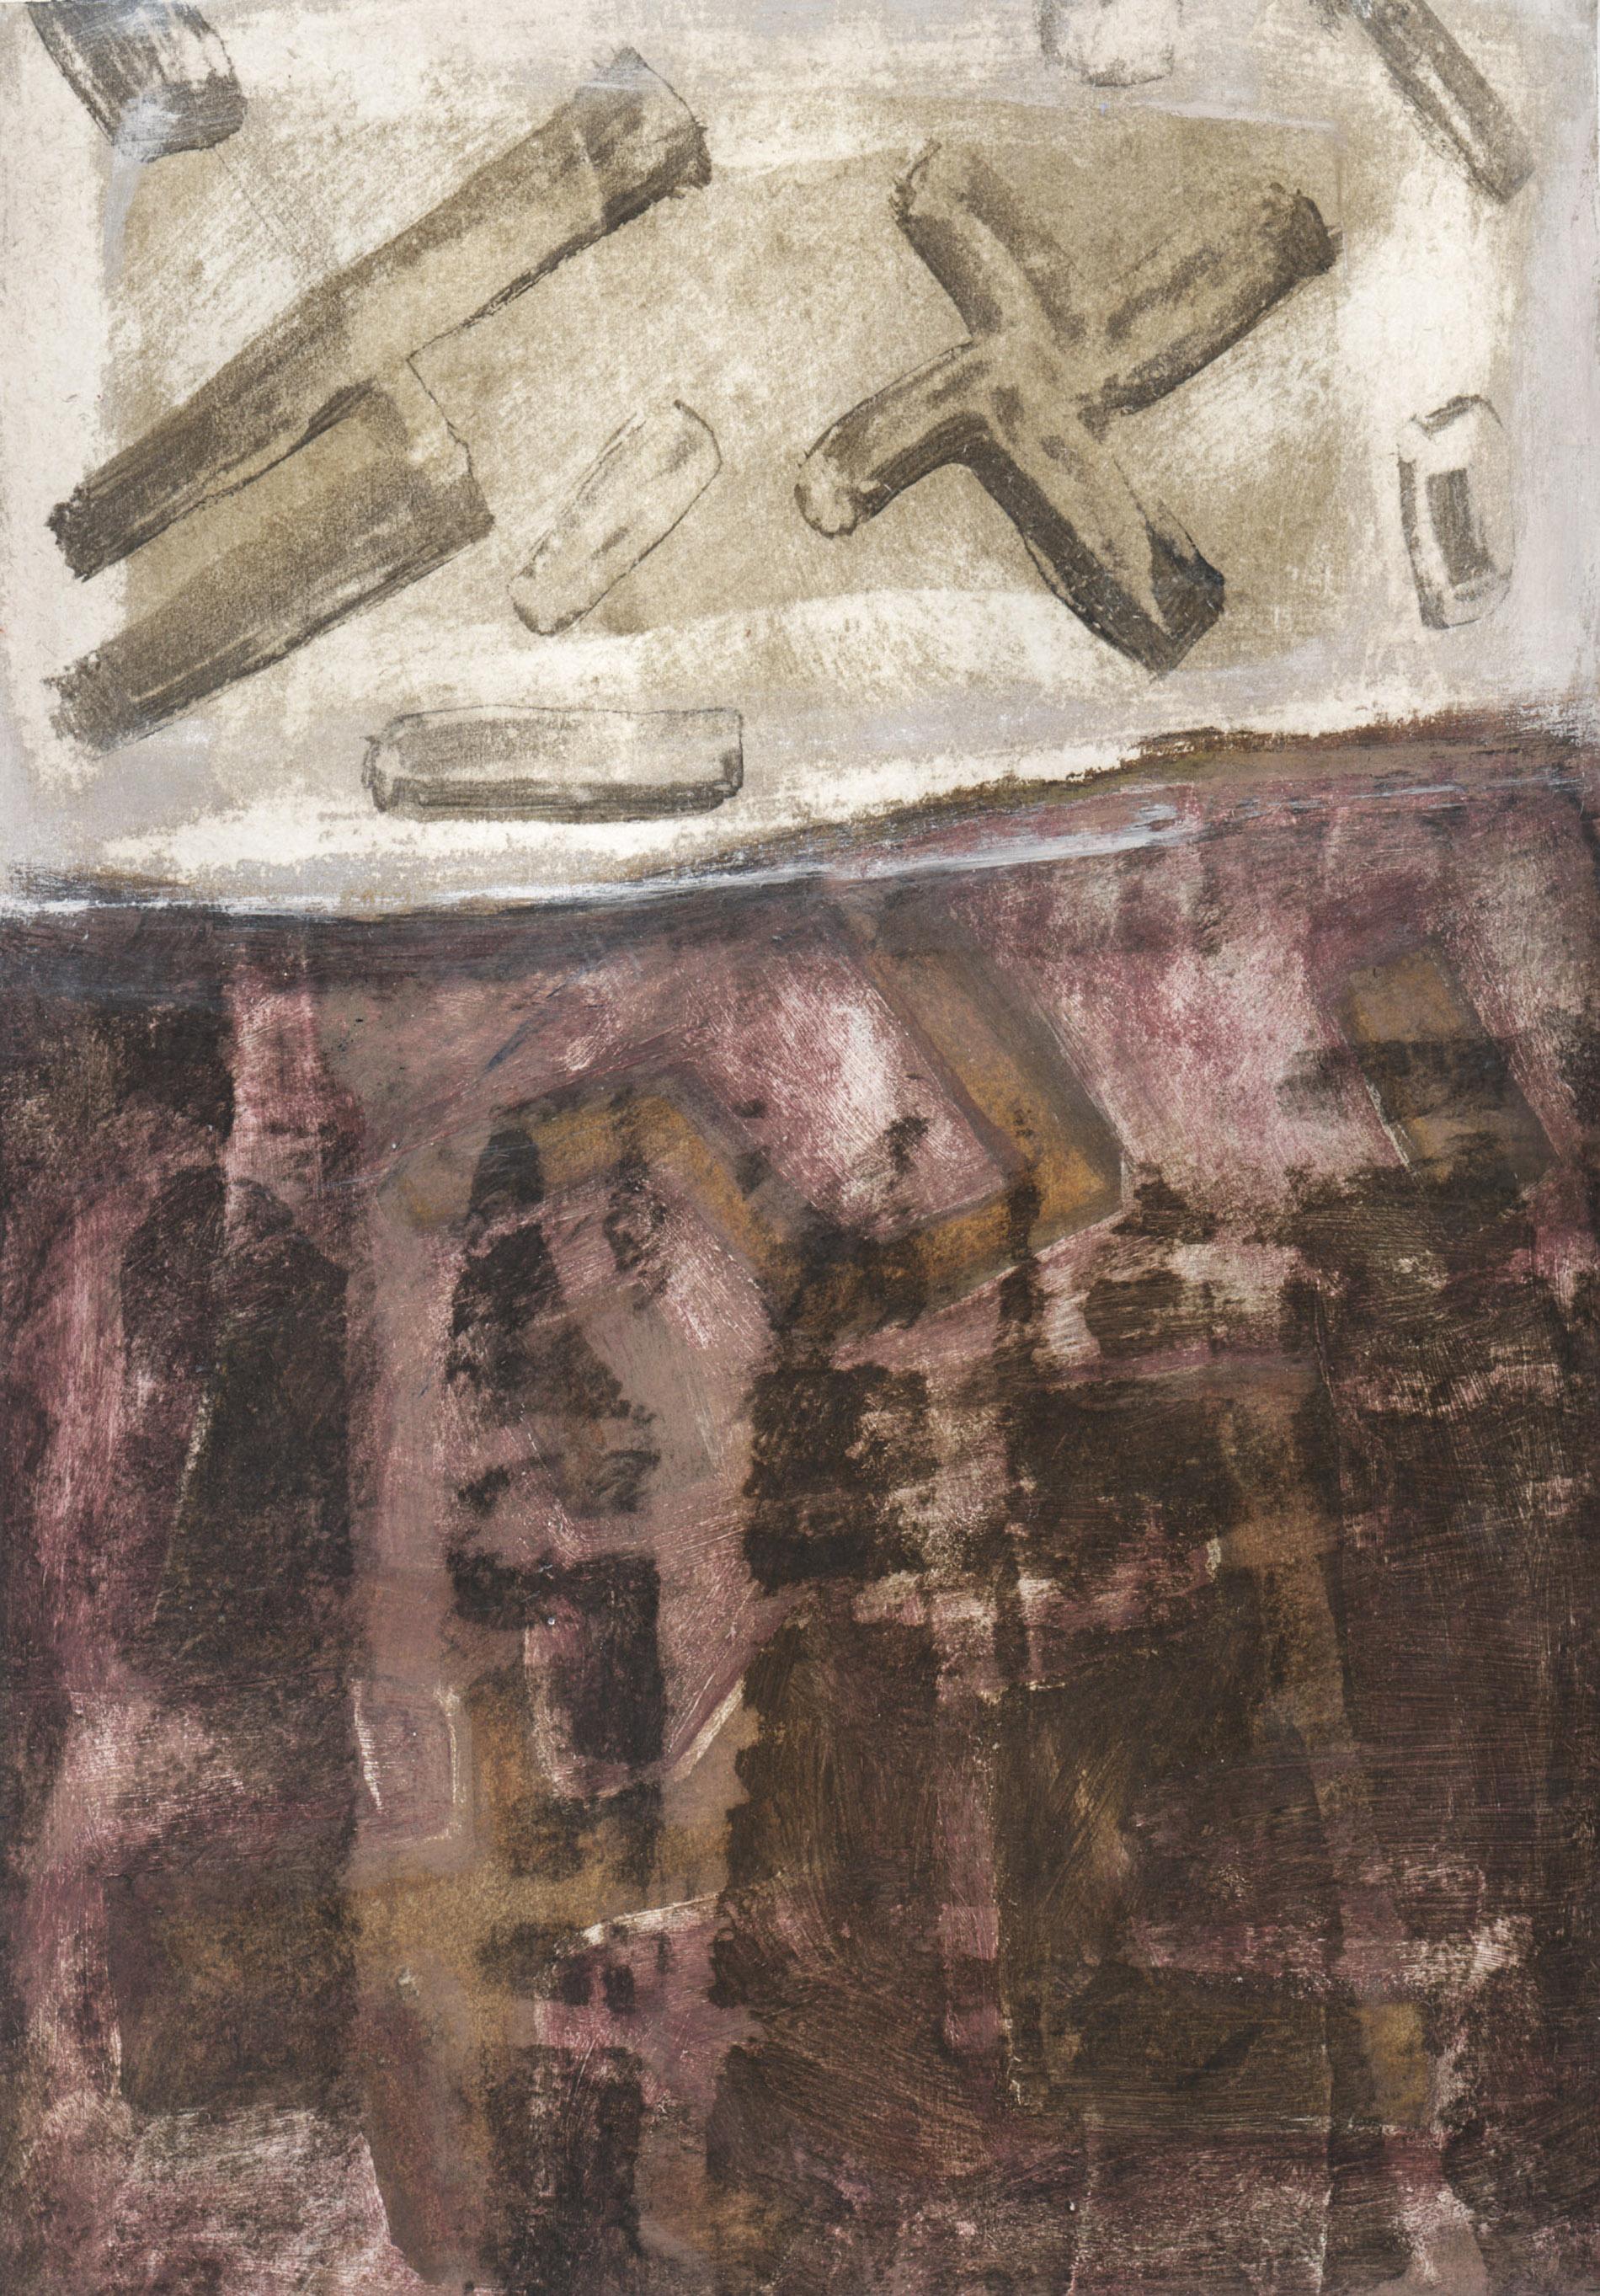 archetipo, astrazione, brown, collage, culto della Madre Terra, culto di Gaia, culto di Maia, dipinto con pigmenti su carta di riso, dipinto con pigmenti su gesso, dipinto con pigmenti su tela, Graffiti, Pigmenti, quadri per albergo, quadri per arredamento, sedimentazioni, simboli, tecnica mista, texture, quadri su carta